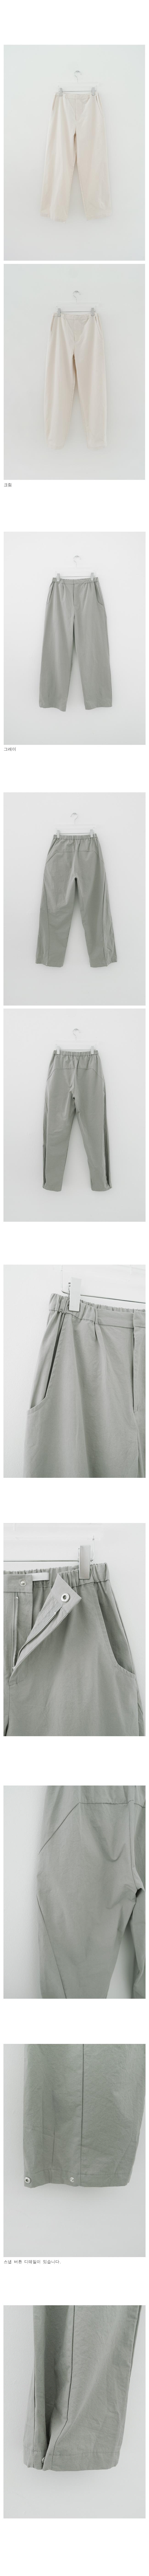 snap pot cotton pants